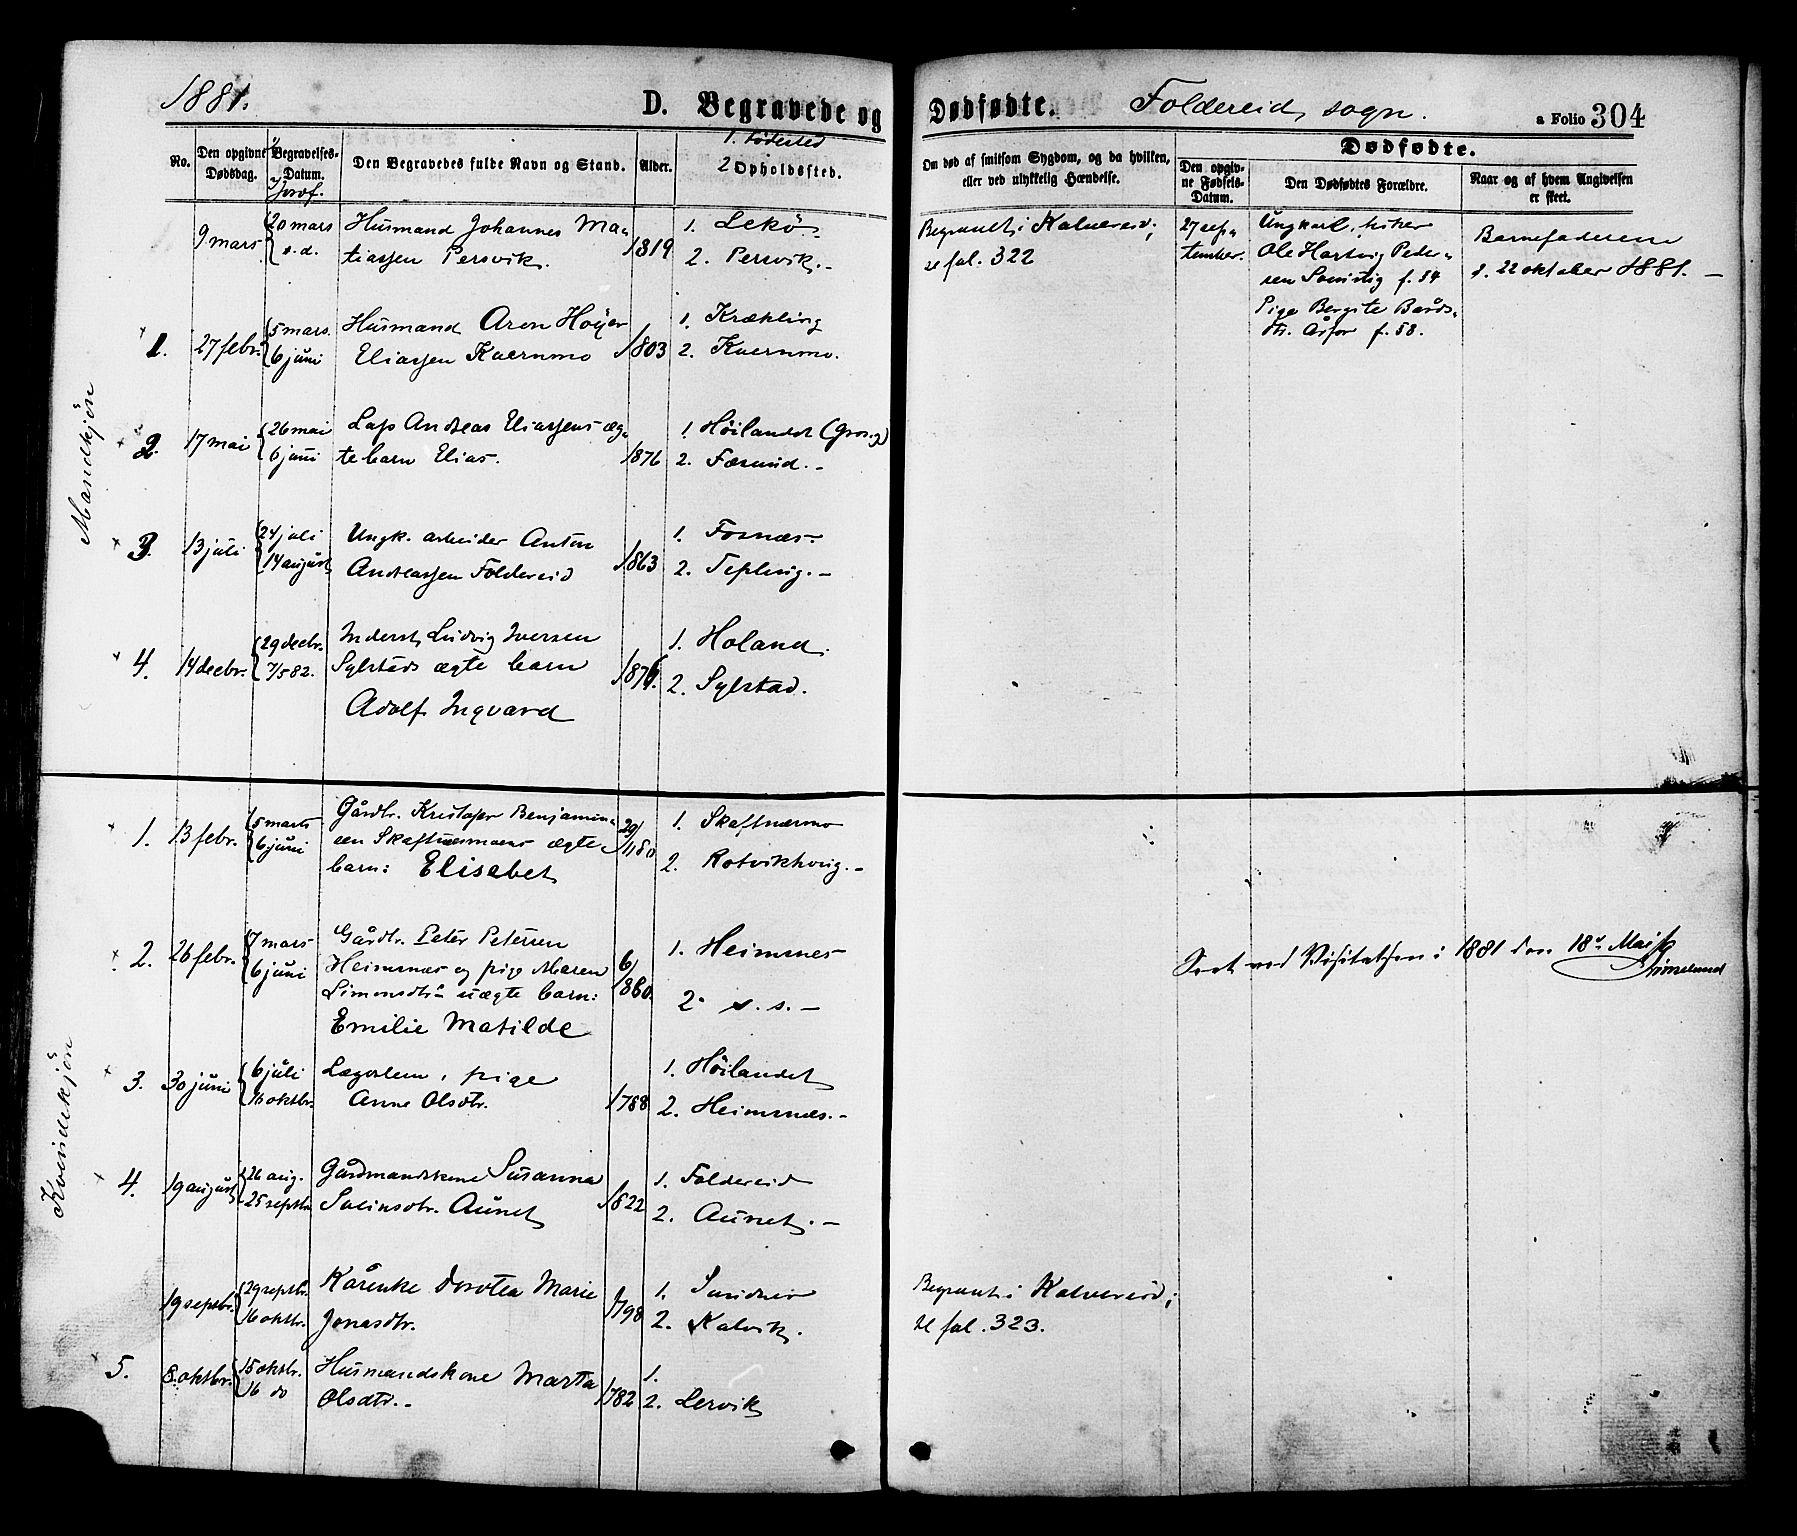 SAT, Ministerialprotokoller, klokkerbøker og fødselsregistre - Nord-Trøndelag, 780/L0642: Ministerialbok nr. 780A07 /2, 1878-1885, s. 304